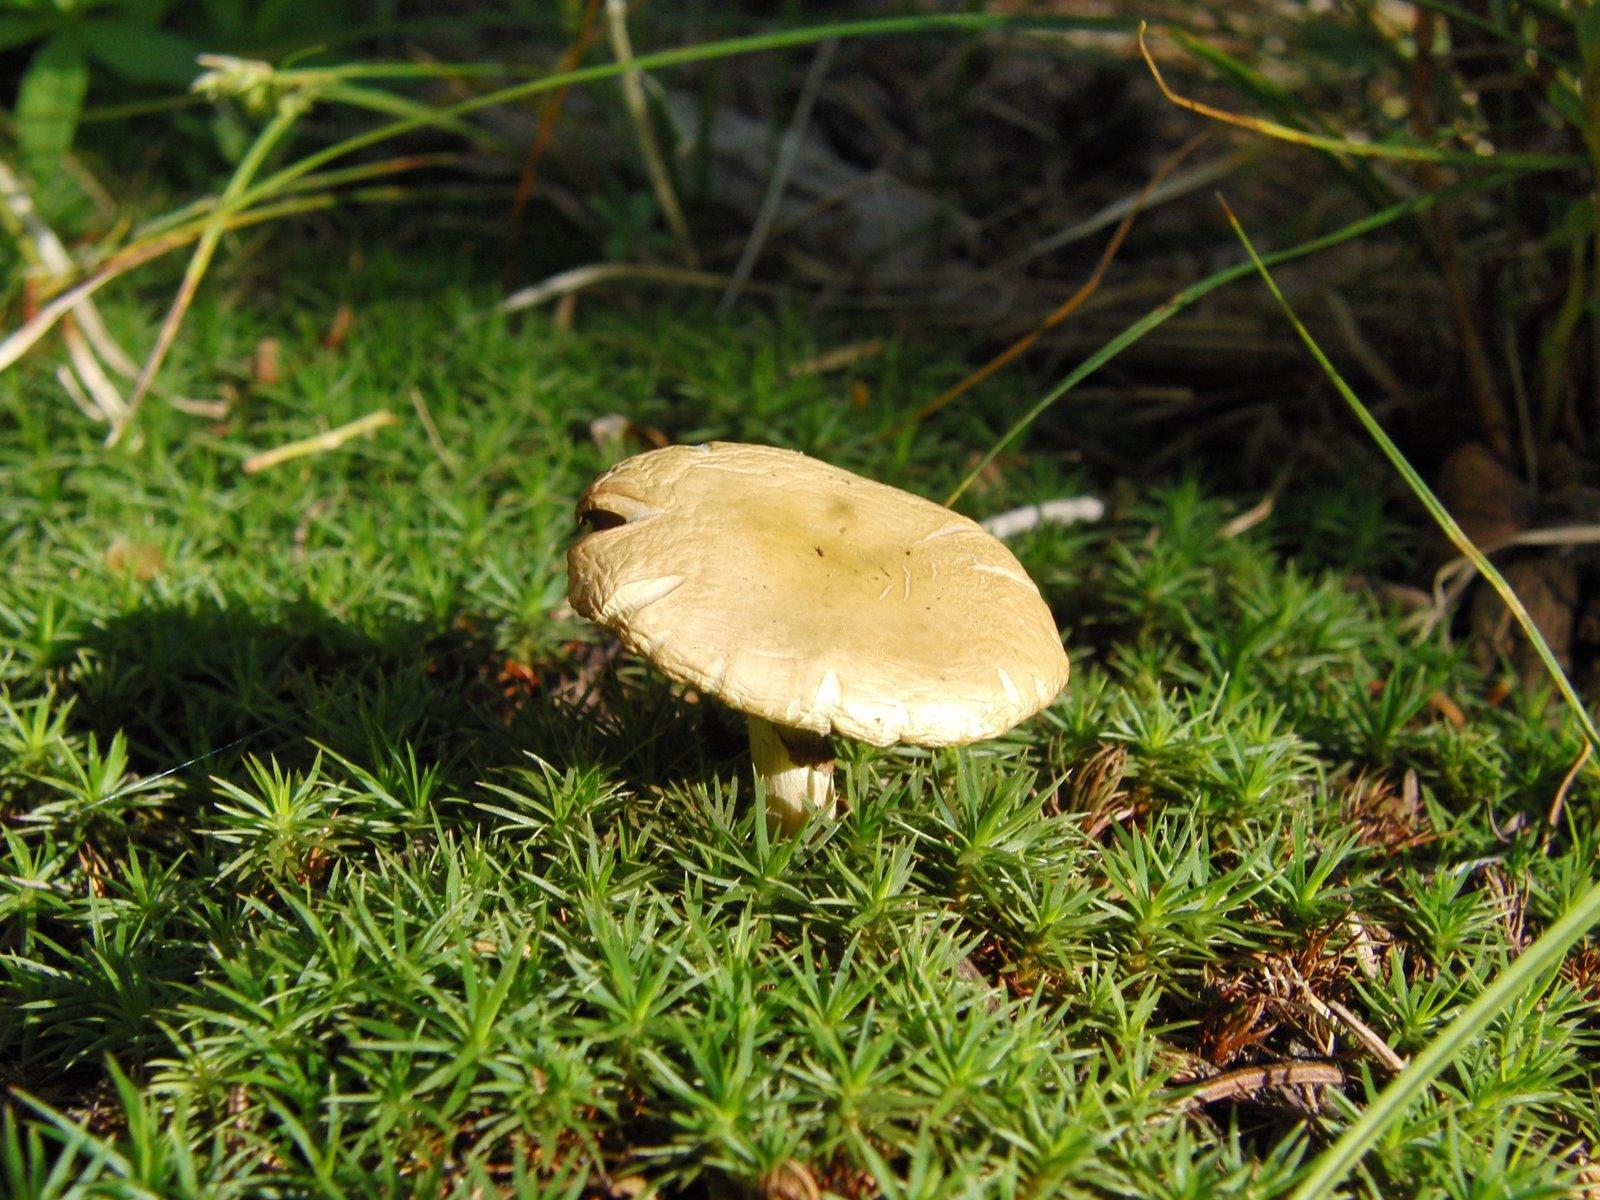 Mushroom and mosses.